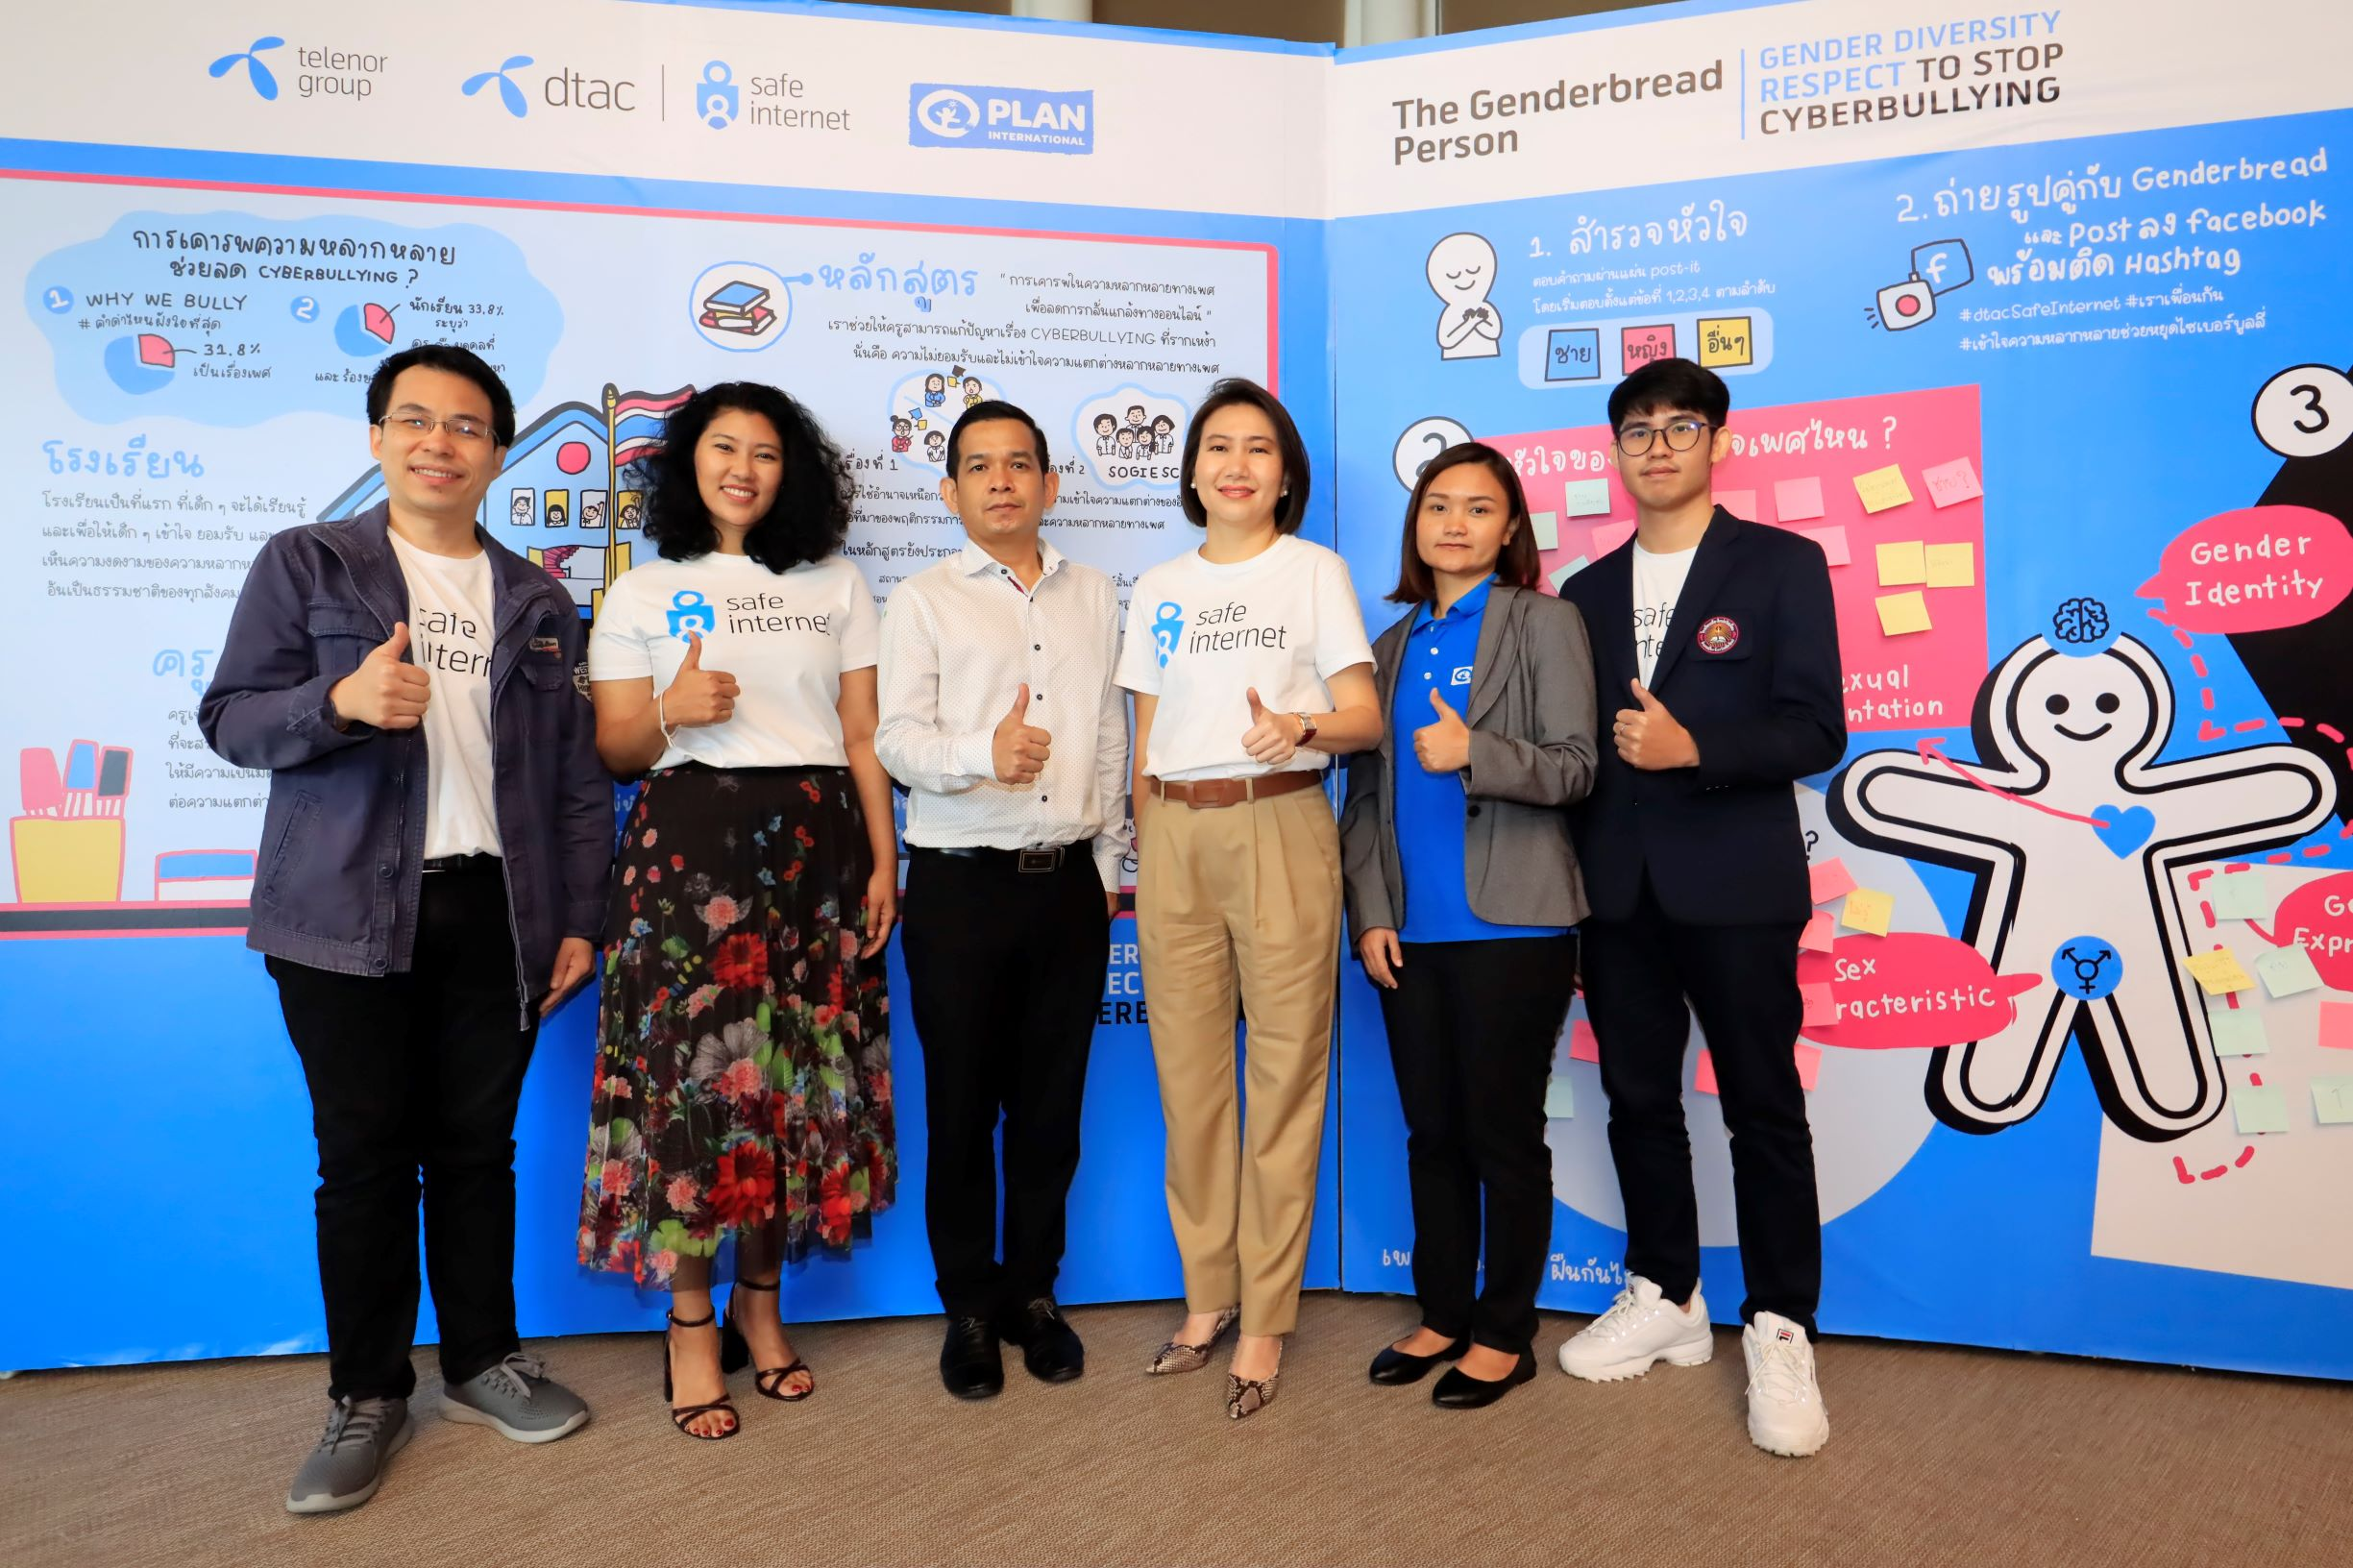 """ดีแทค Safe Internet และกลุ่มเทเลนอร์ ร่วมกับองค์การแพลน อินเตอร์เนชั่นแนล ประเทศไทย พร้อม """"ดีป้า-กองทุนสื่อฯ"""" พัฒนาหลักสูตร 'การเคารพในความหลากหลายทางเพศเพื่อลดการกลั่นแกล้งทางออนไลน์ (Cyber-bullying)"""